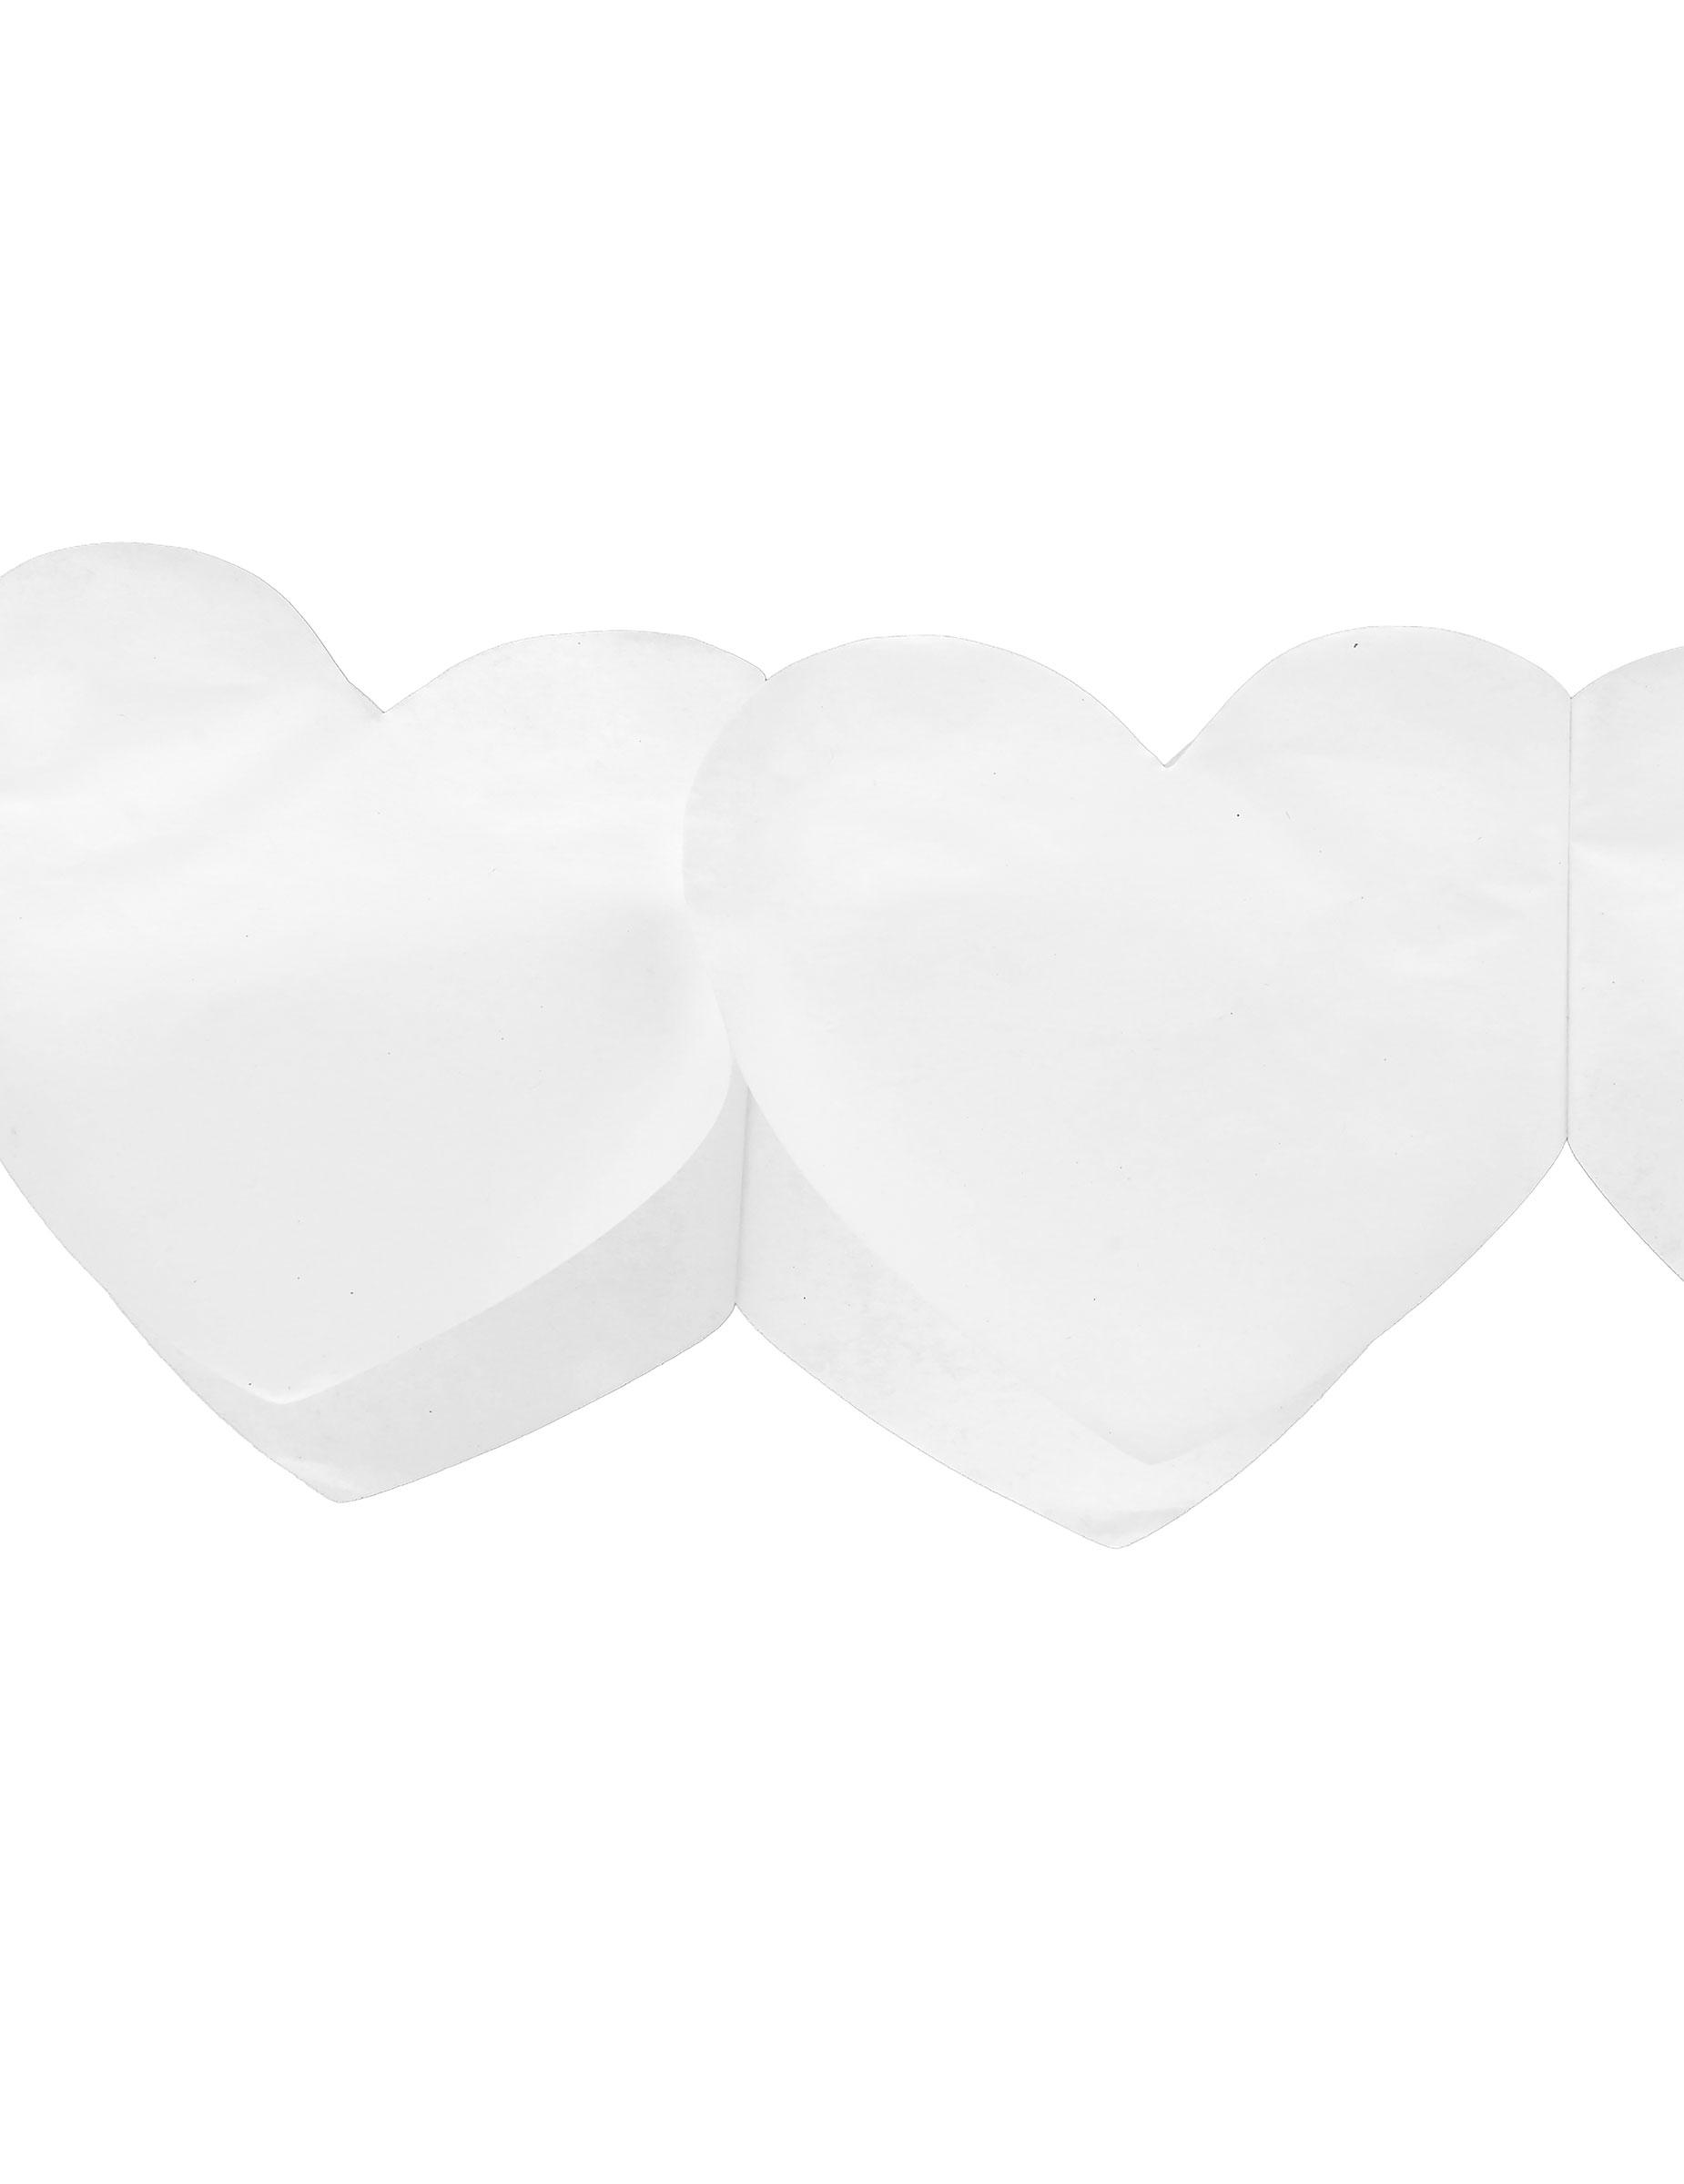 guirlande papier coeur plein blanc d coration anniversaire et f tes th me sur vegaoo party. Black Bedroom Furniture Sets. Home Design Ideas